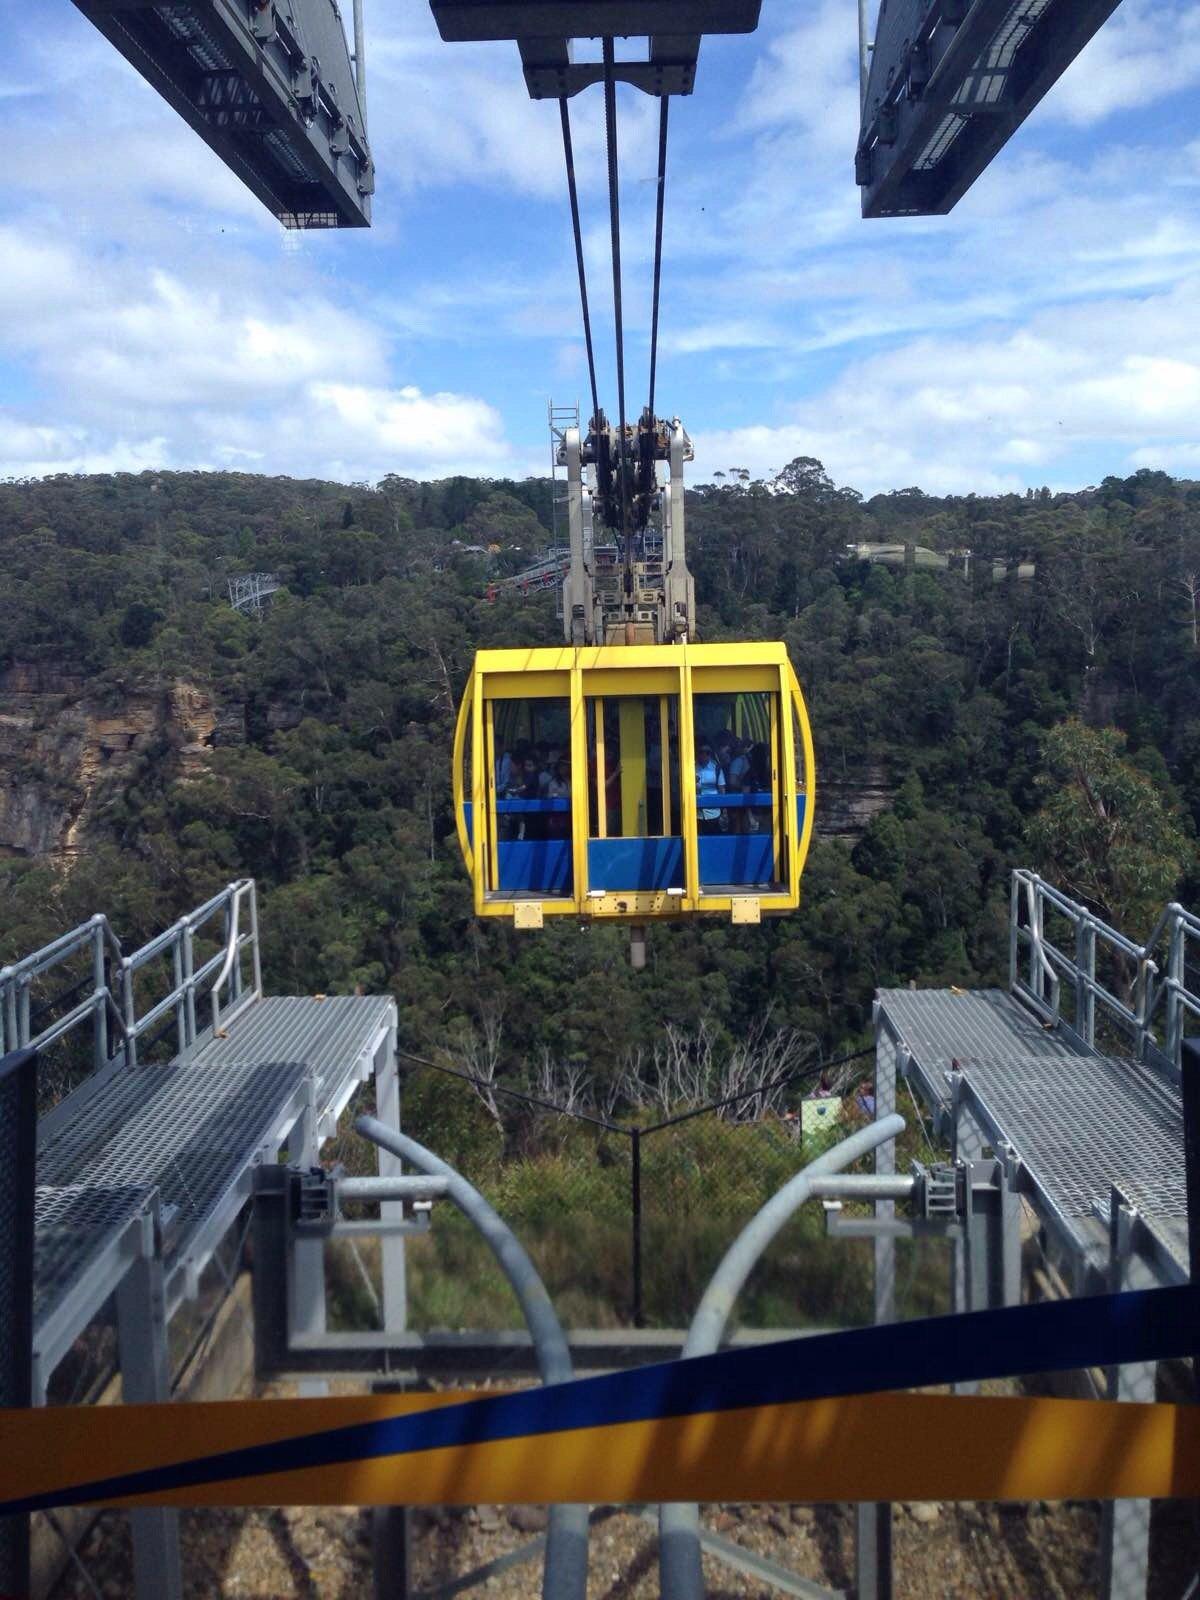 悉尼野生动物园 蓝山公园主要是通过乘坐三段缆车来游玩,通过各个